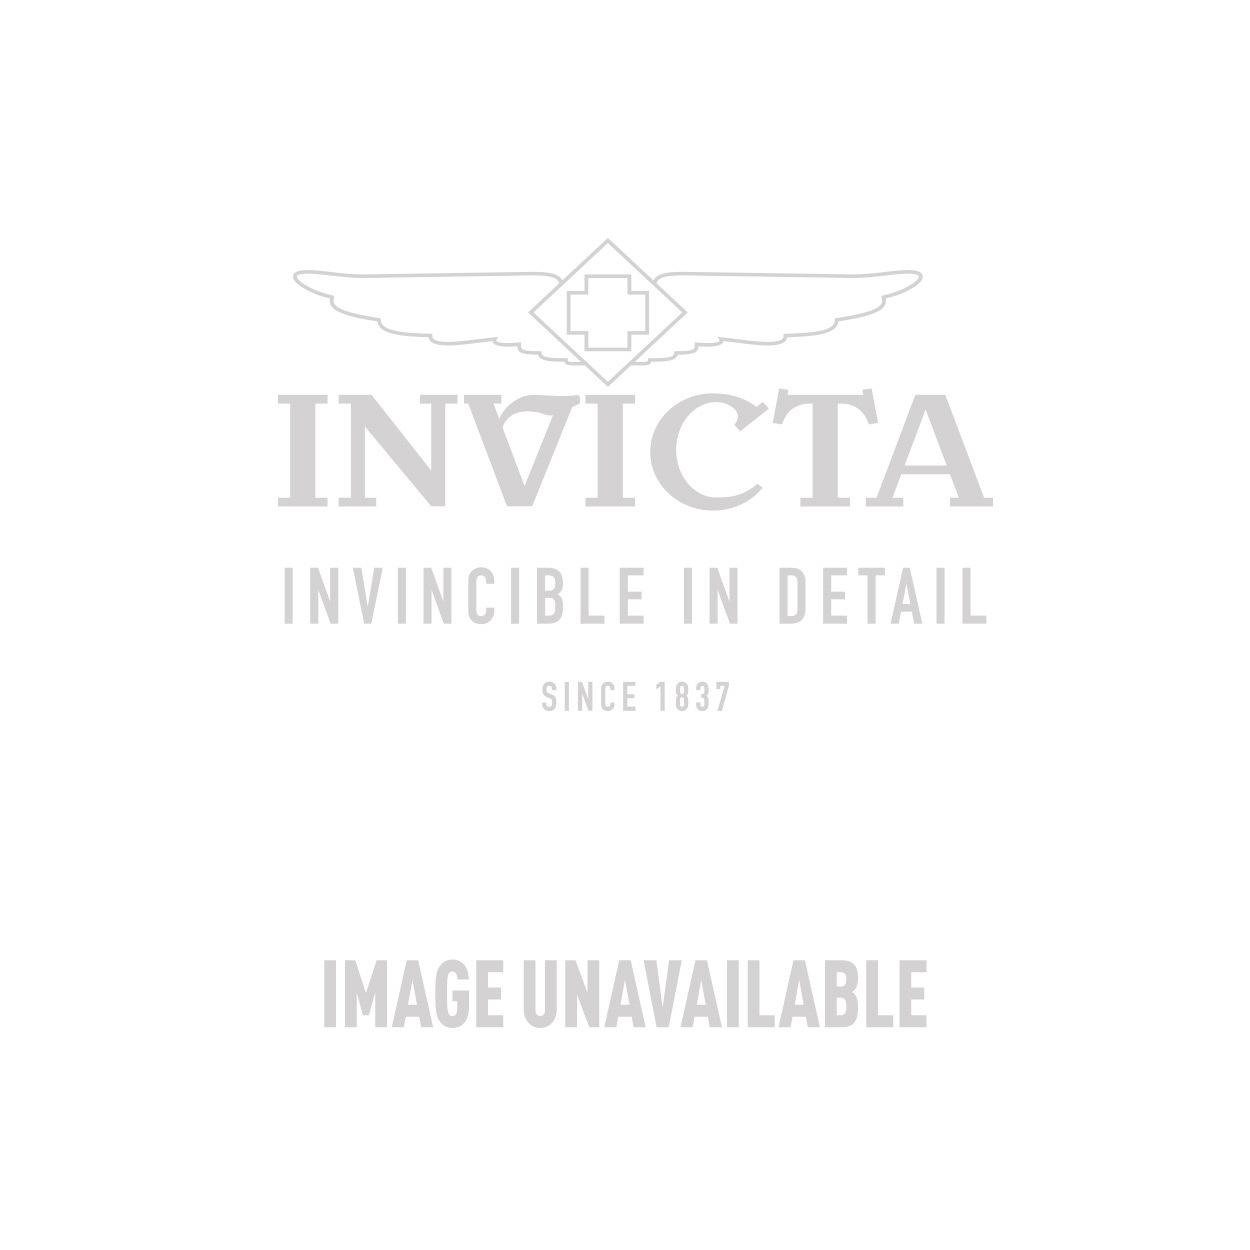 Invicta Model 27051